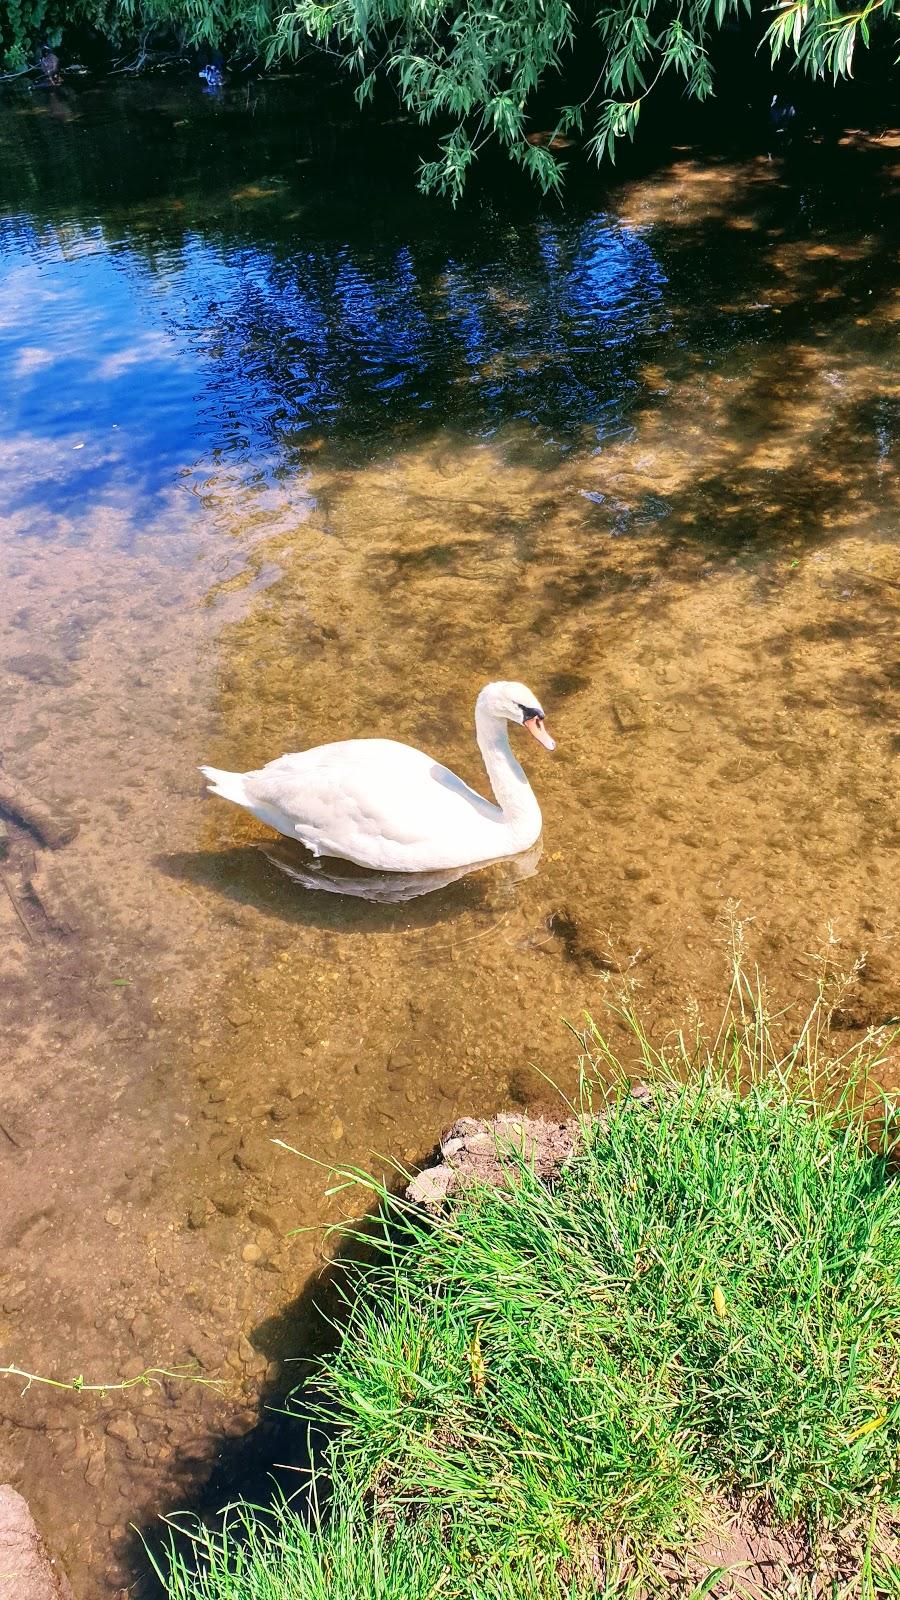 Swans on The River Meden